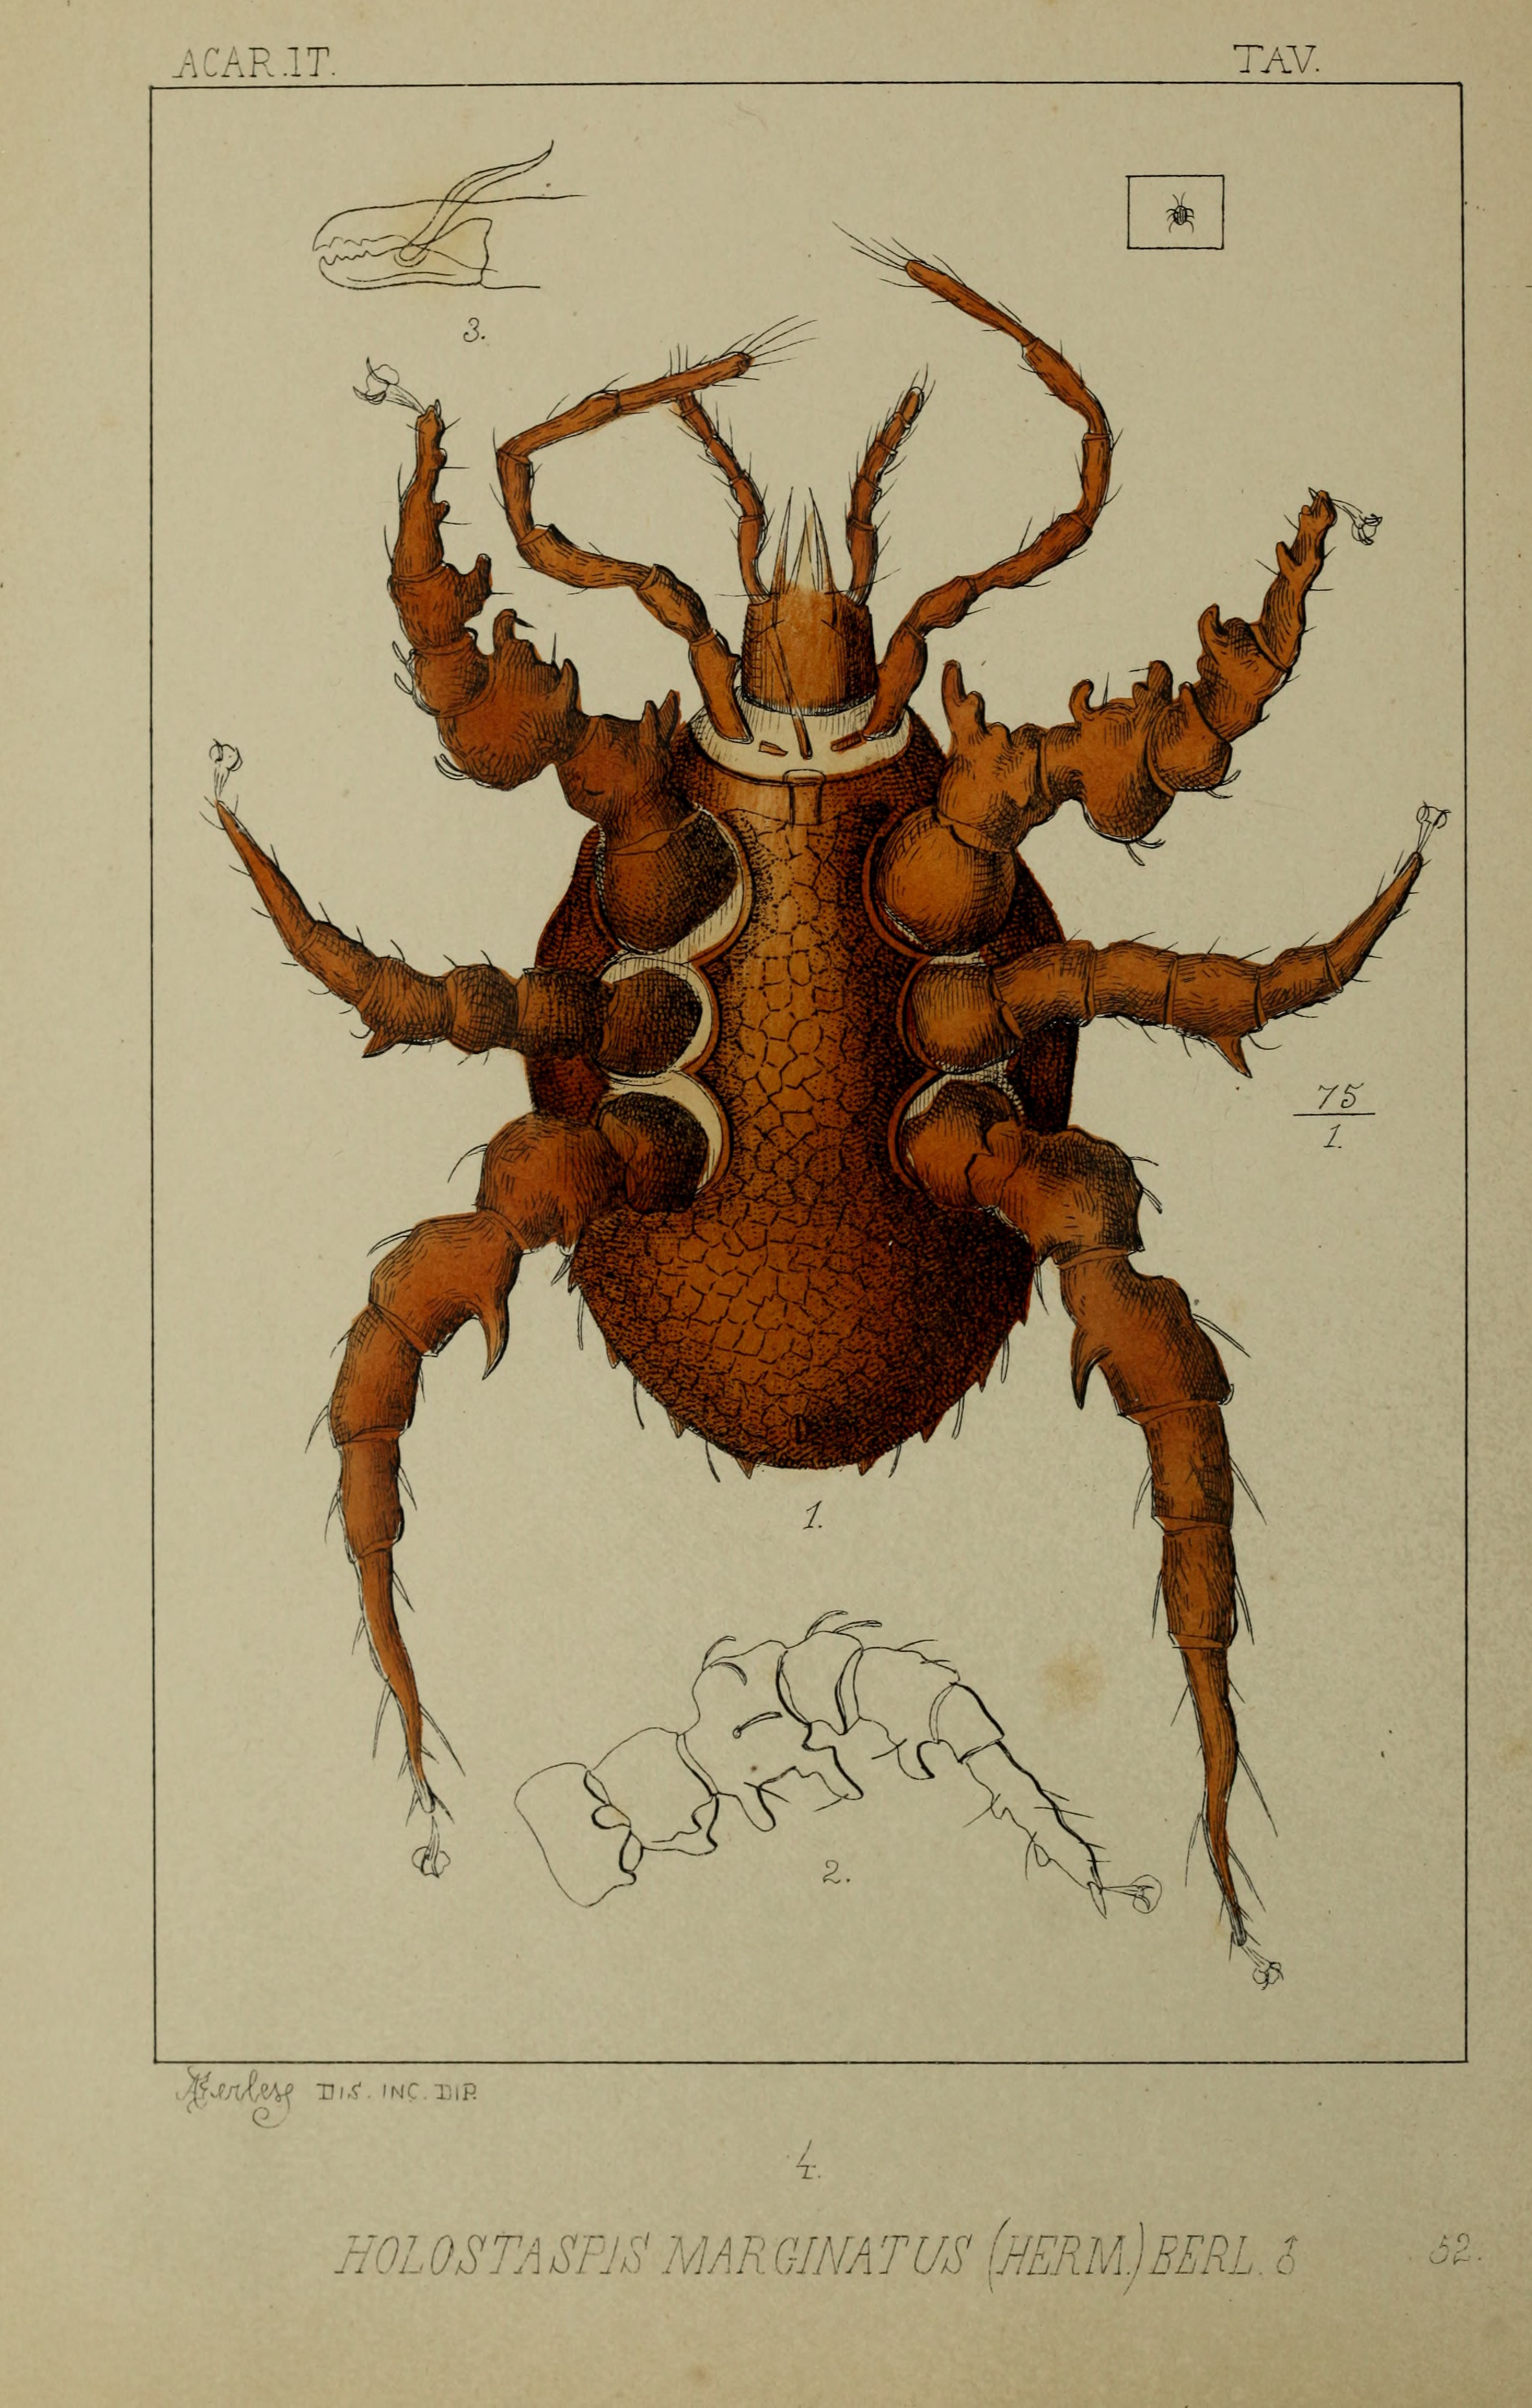 file acari myriopoda et scorpiones hucusque in italia reperta 1889